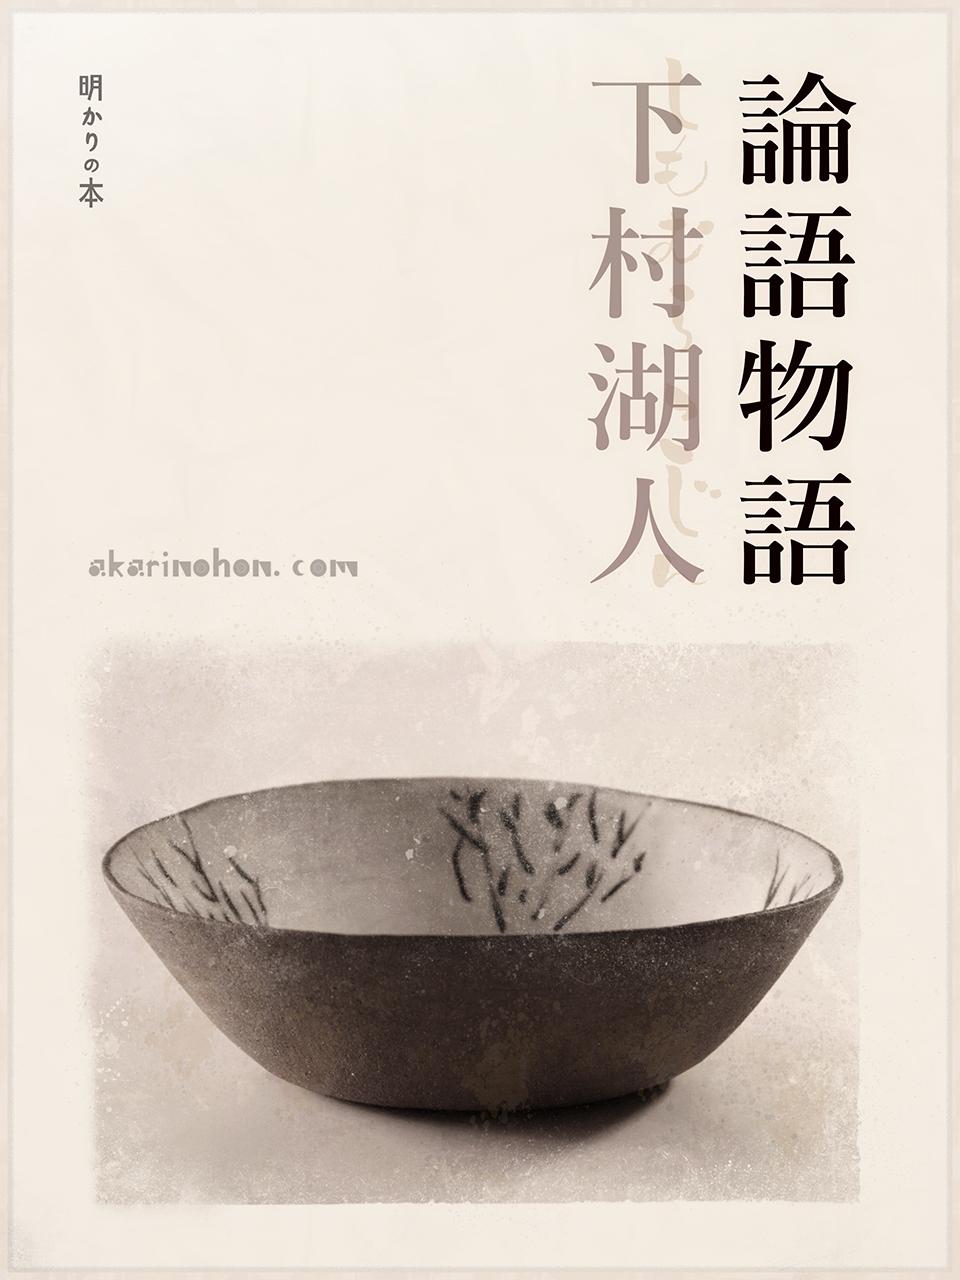 0000 - 論語物語(2) 下村湖人